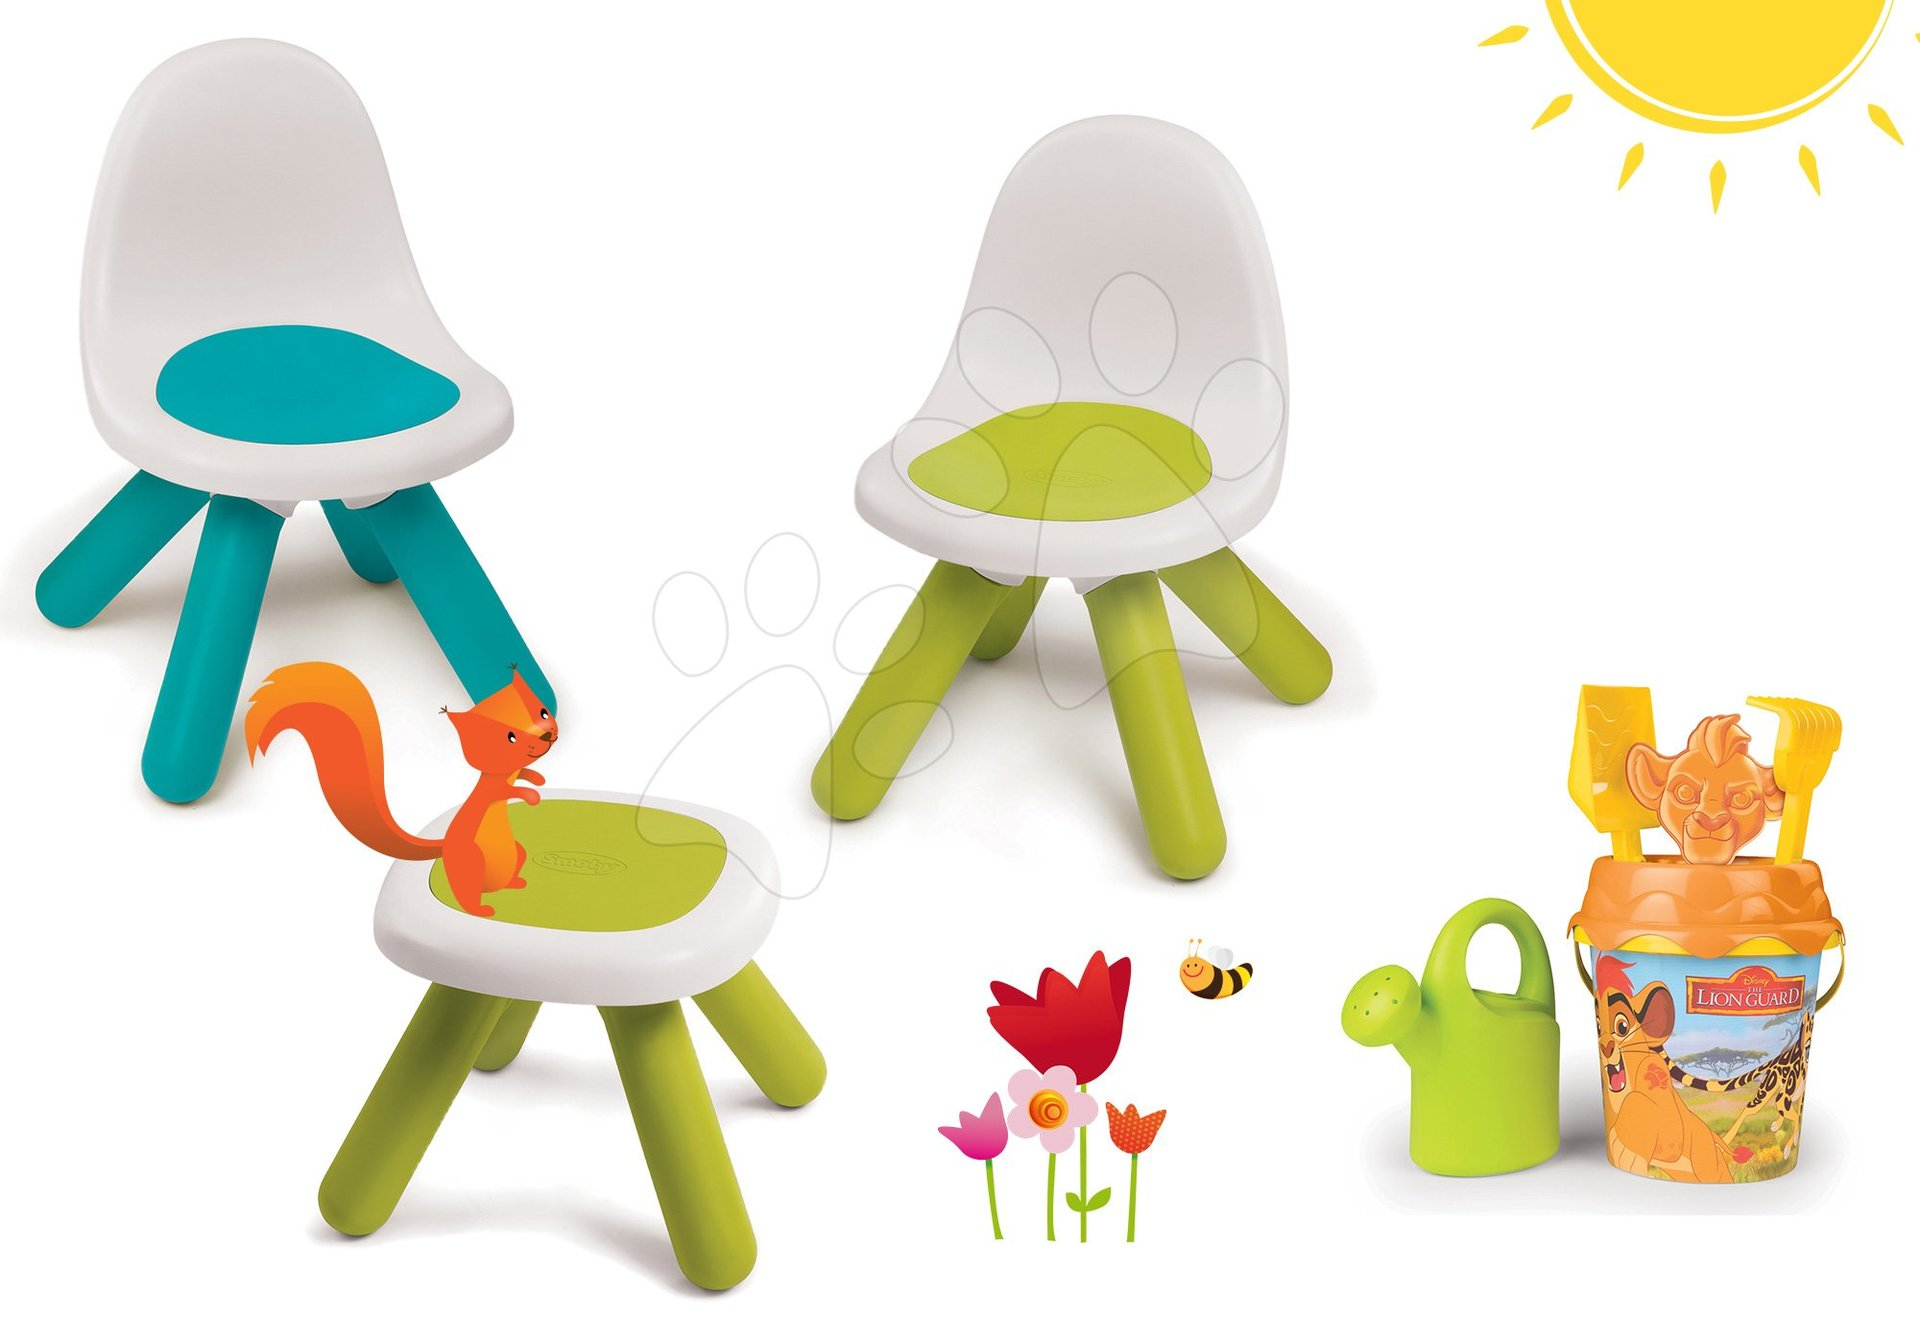 Smoby dětský stůl Kidstool s židlemi a kbelík set 880200B-1